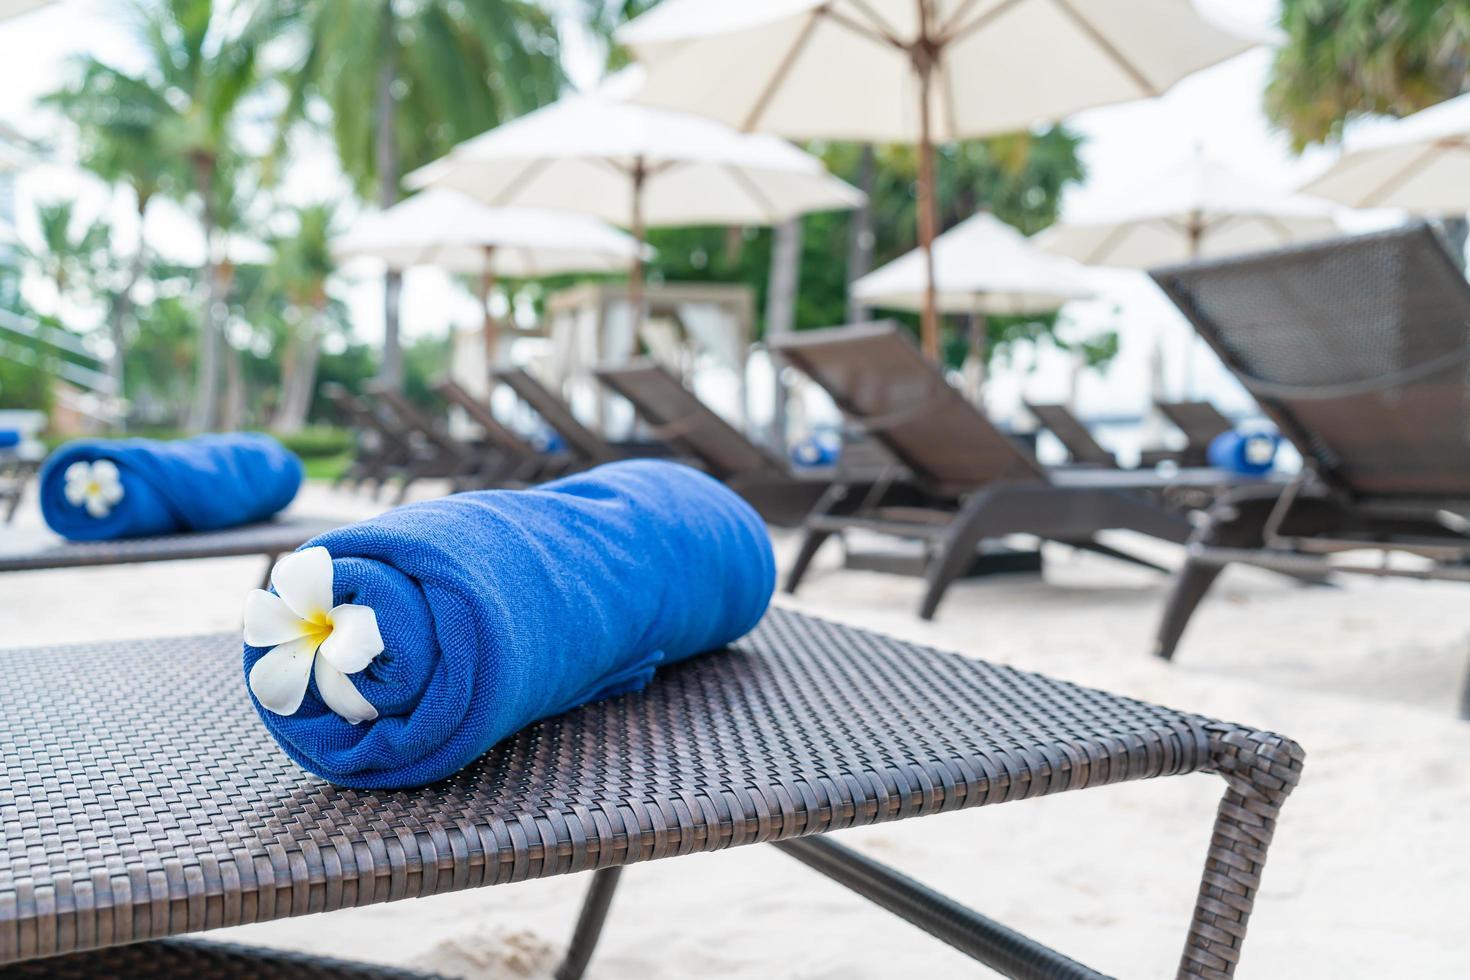 Nahaufnahme Handtuch auf einem Strandkorb - Reise- und Urlaubskonzept foto